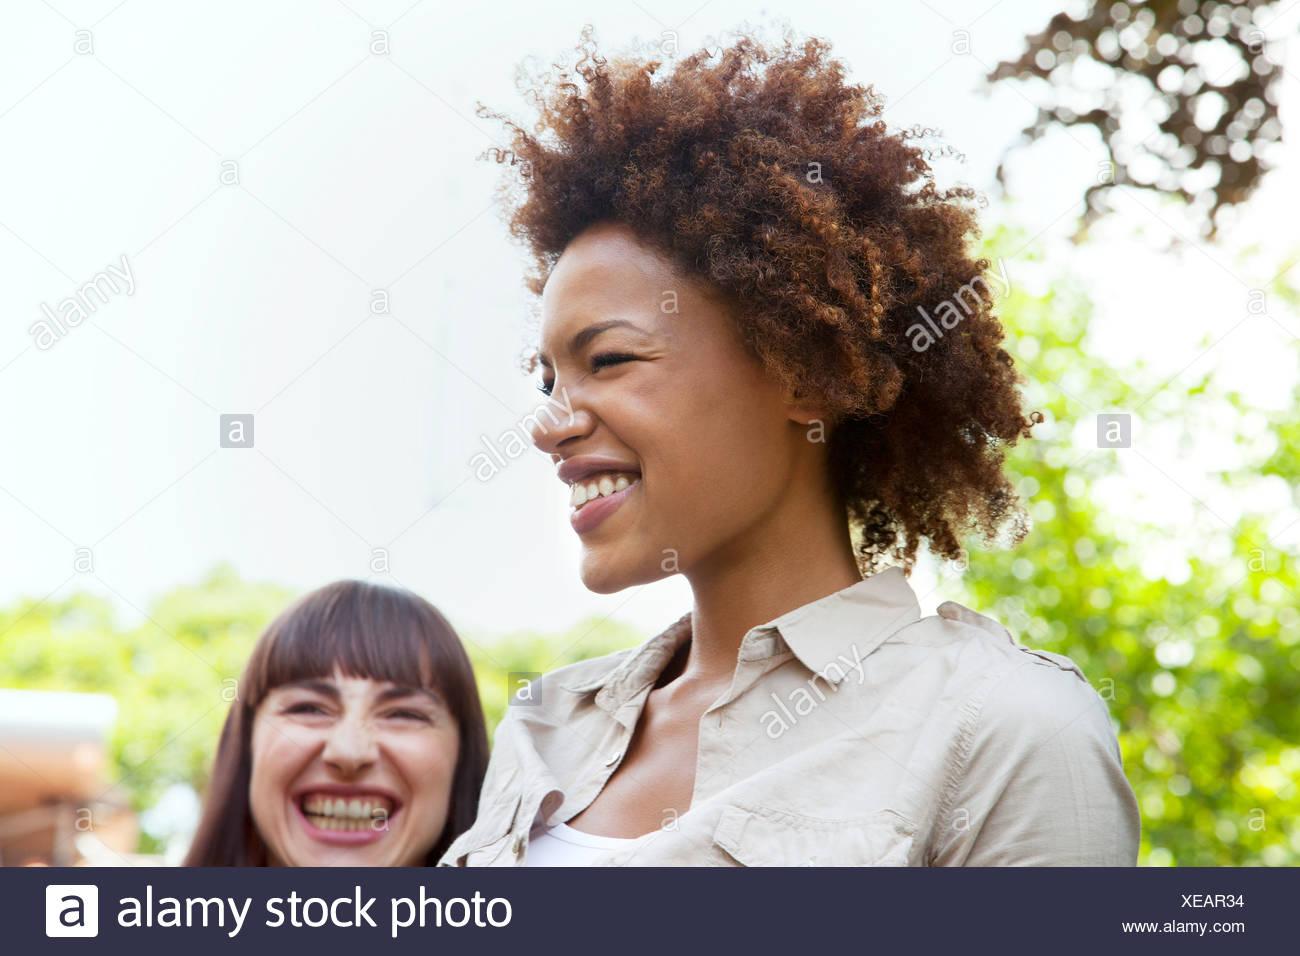 Retrato de mujer joven riendo con peinado afro Imagen De Stock